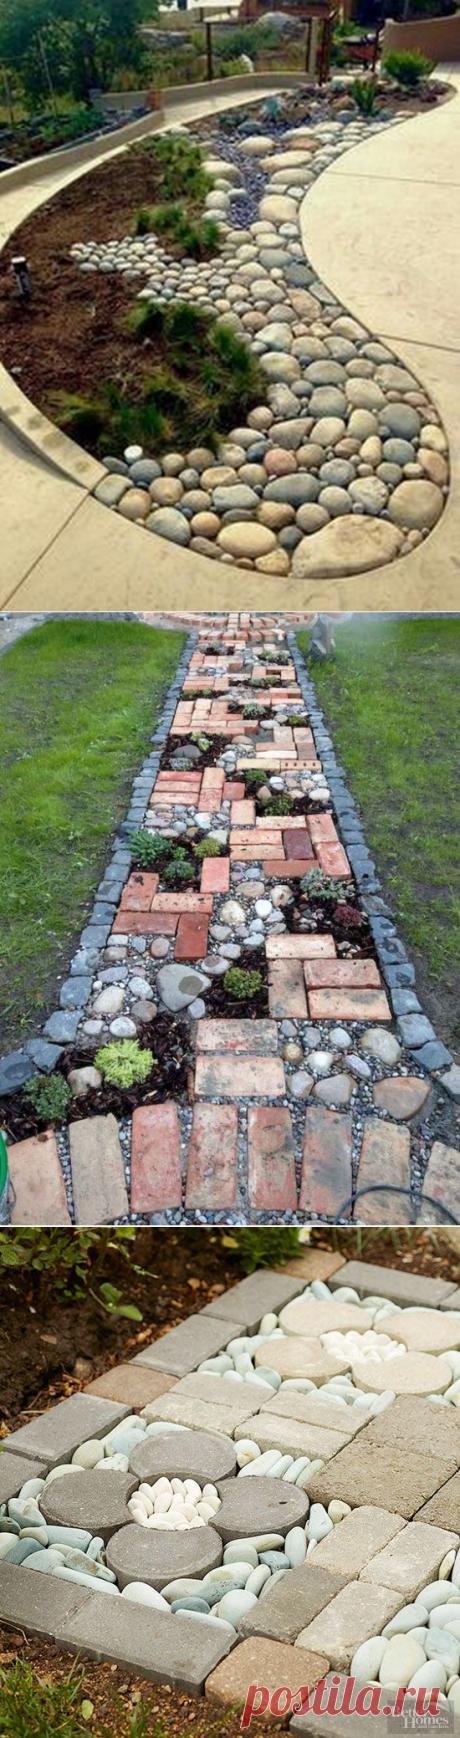 Идеи с камнями для дачи или частного дома — DIYIdeas